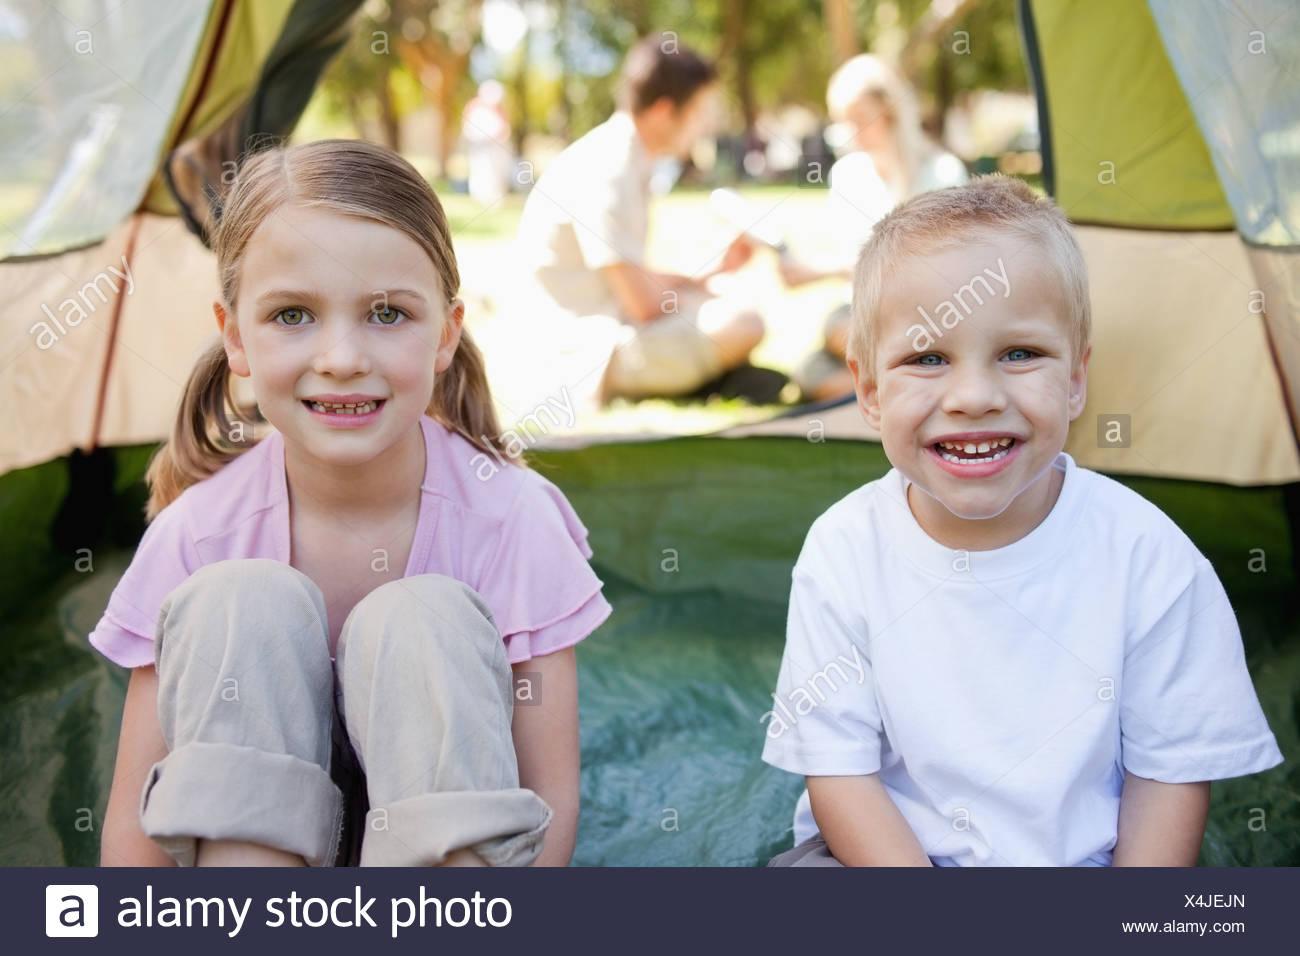 Una feliz pareja de chicos sentarse en el interior de la carpa mientras sus padres están fuera Foto de stock